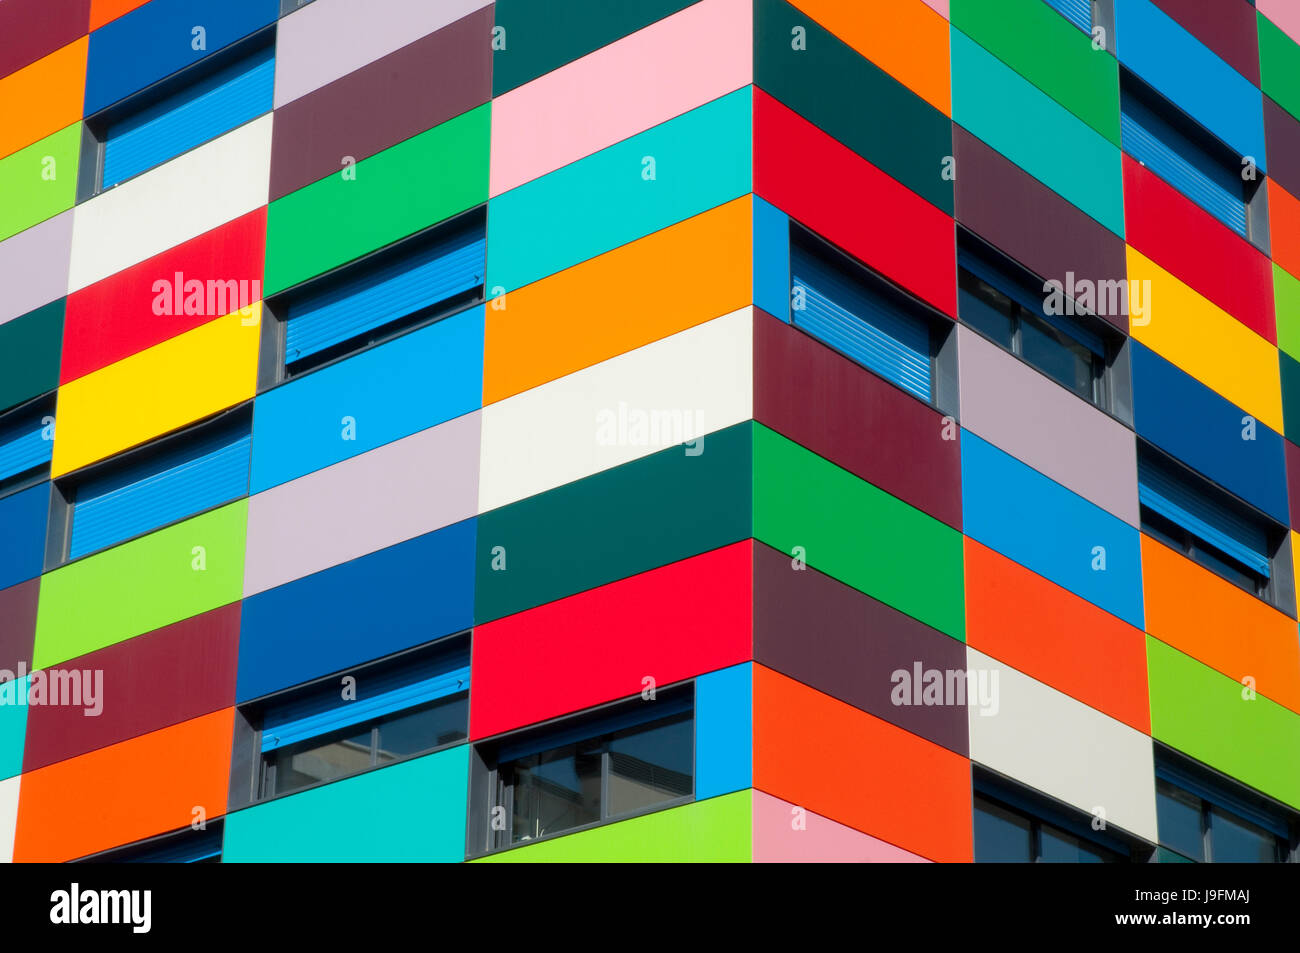 Façade de l'immeuble. Colorines PAU carabanchel, Madrid, Espagne. Photo Stock